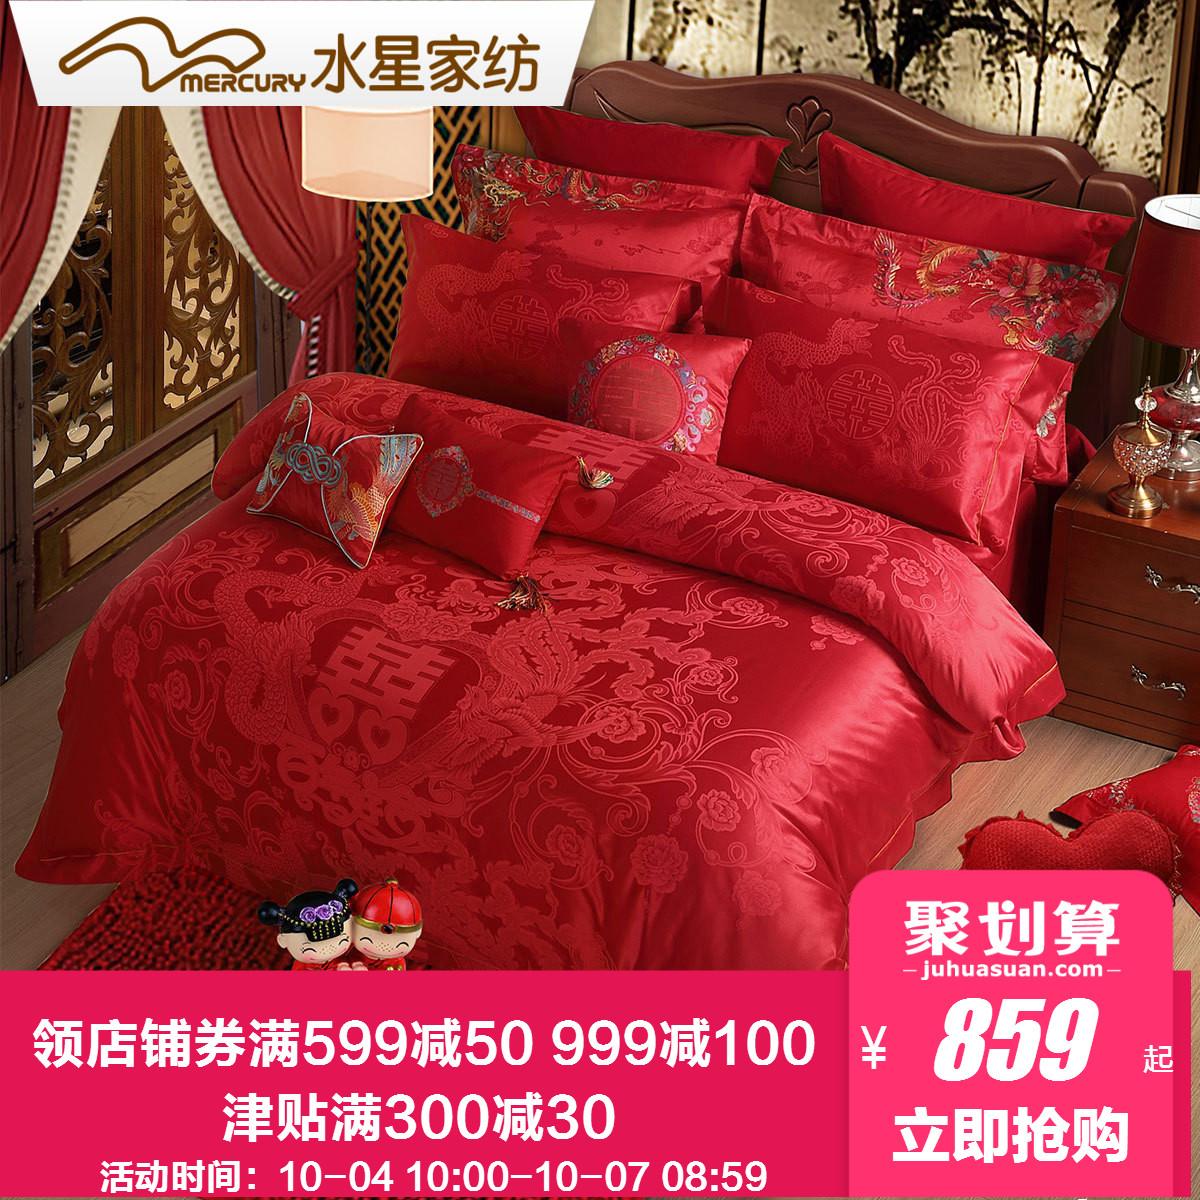 水星家纺大红被套结婚新婚房套件婚庆提花六件套龙凤缘巢床上用品